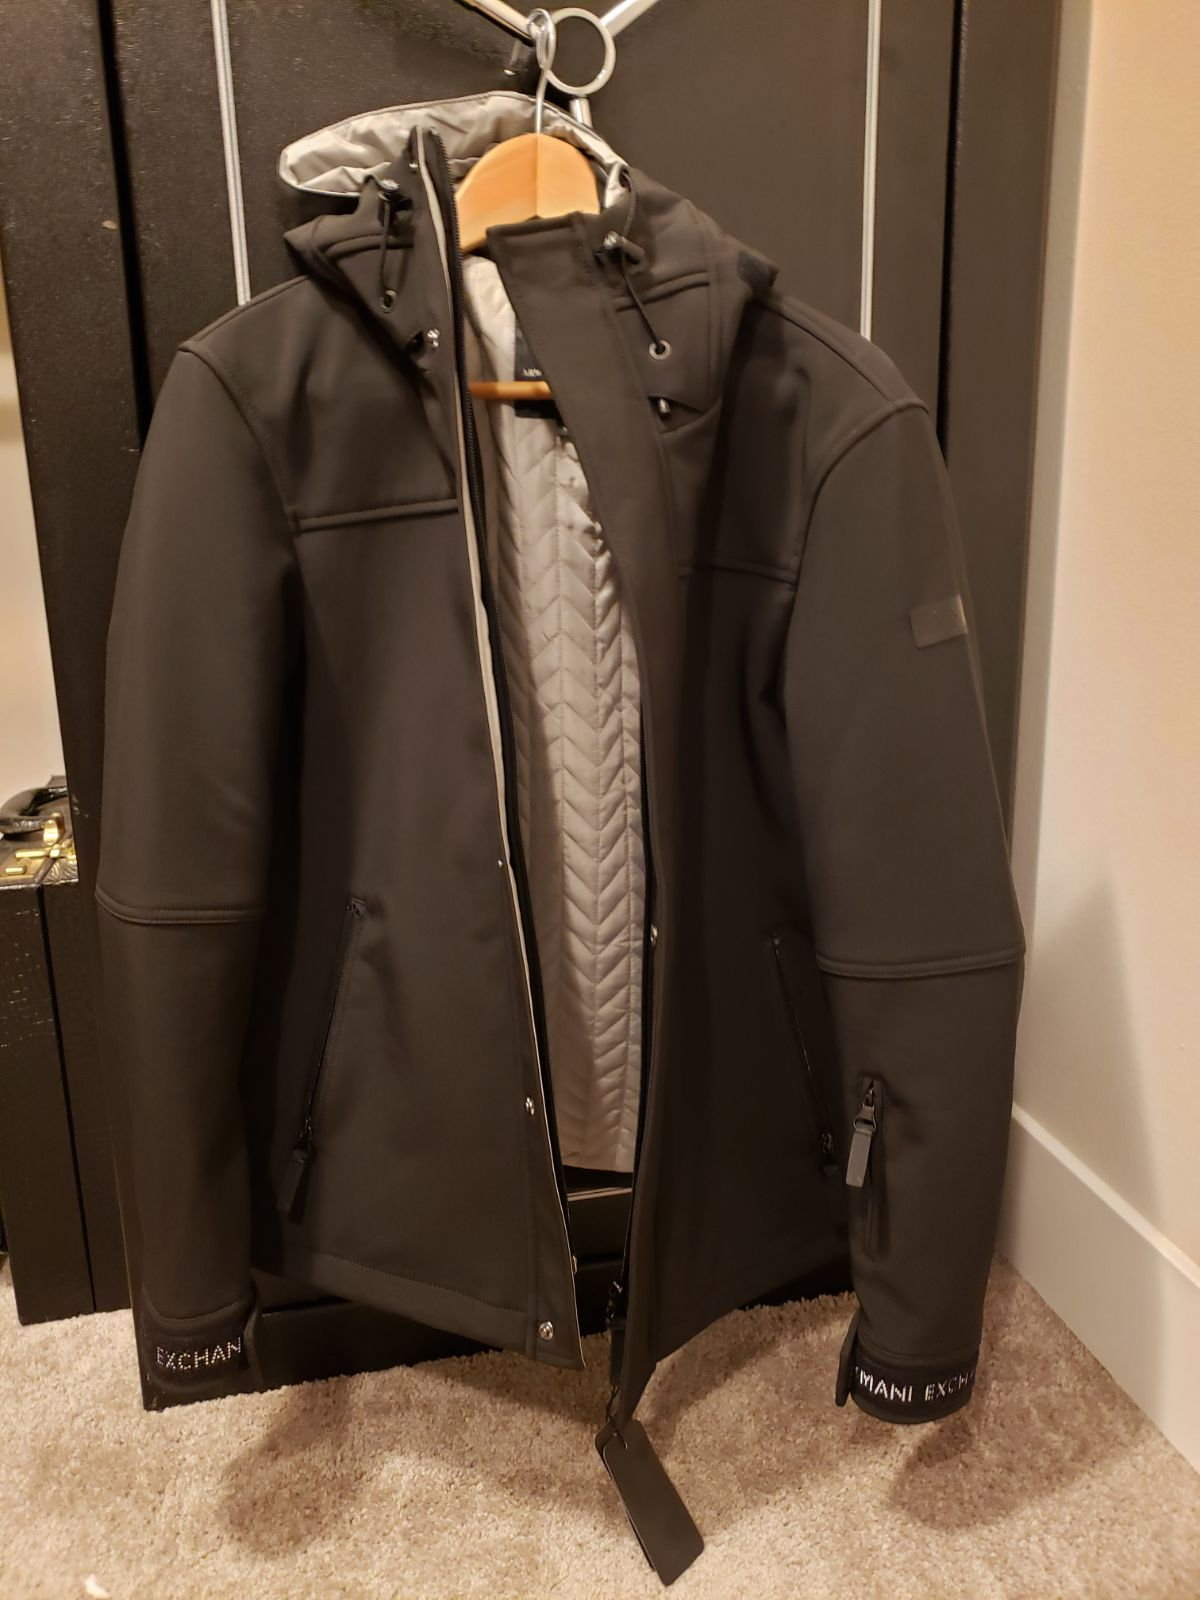 New A/X Jacket